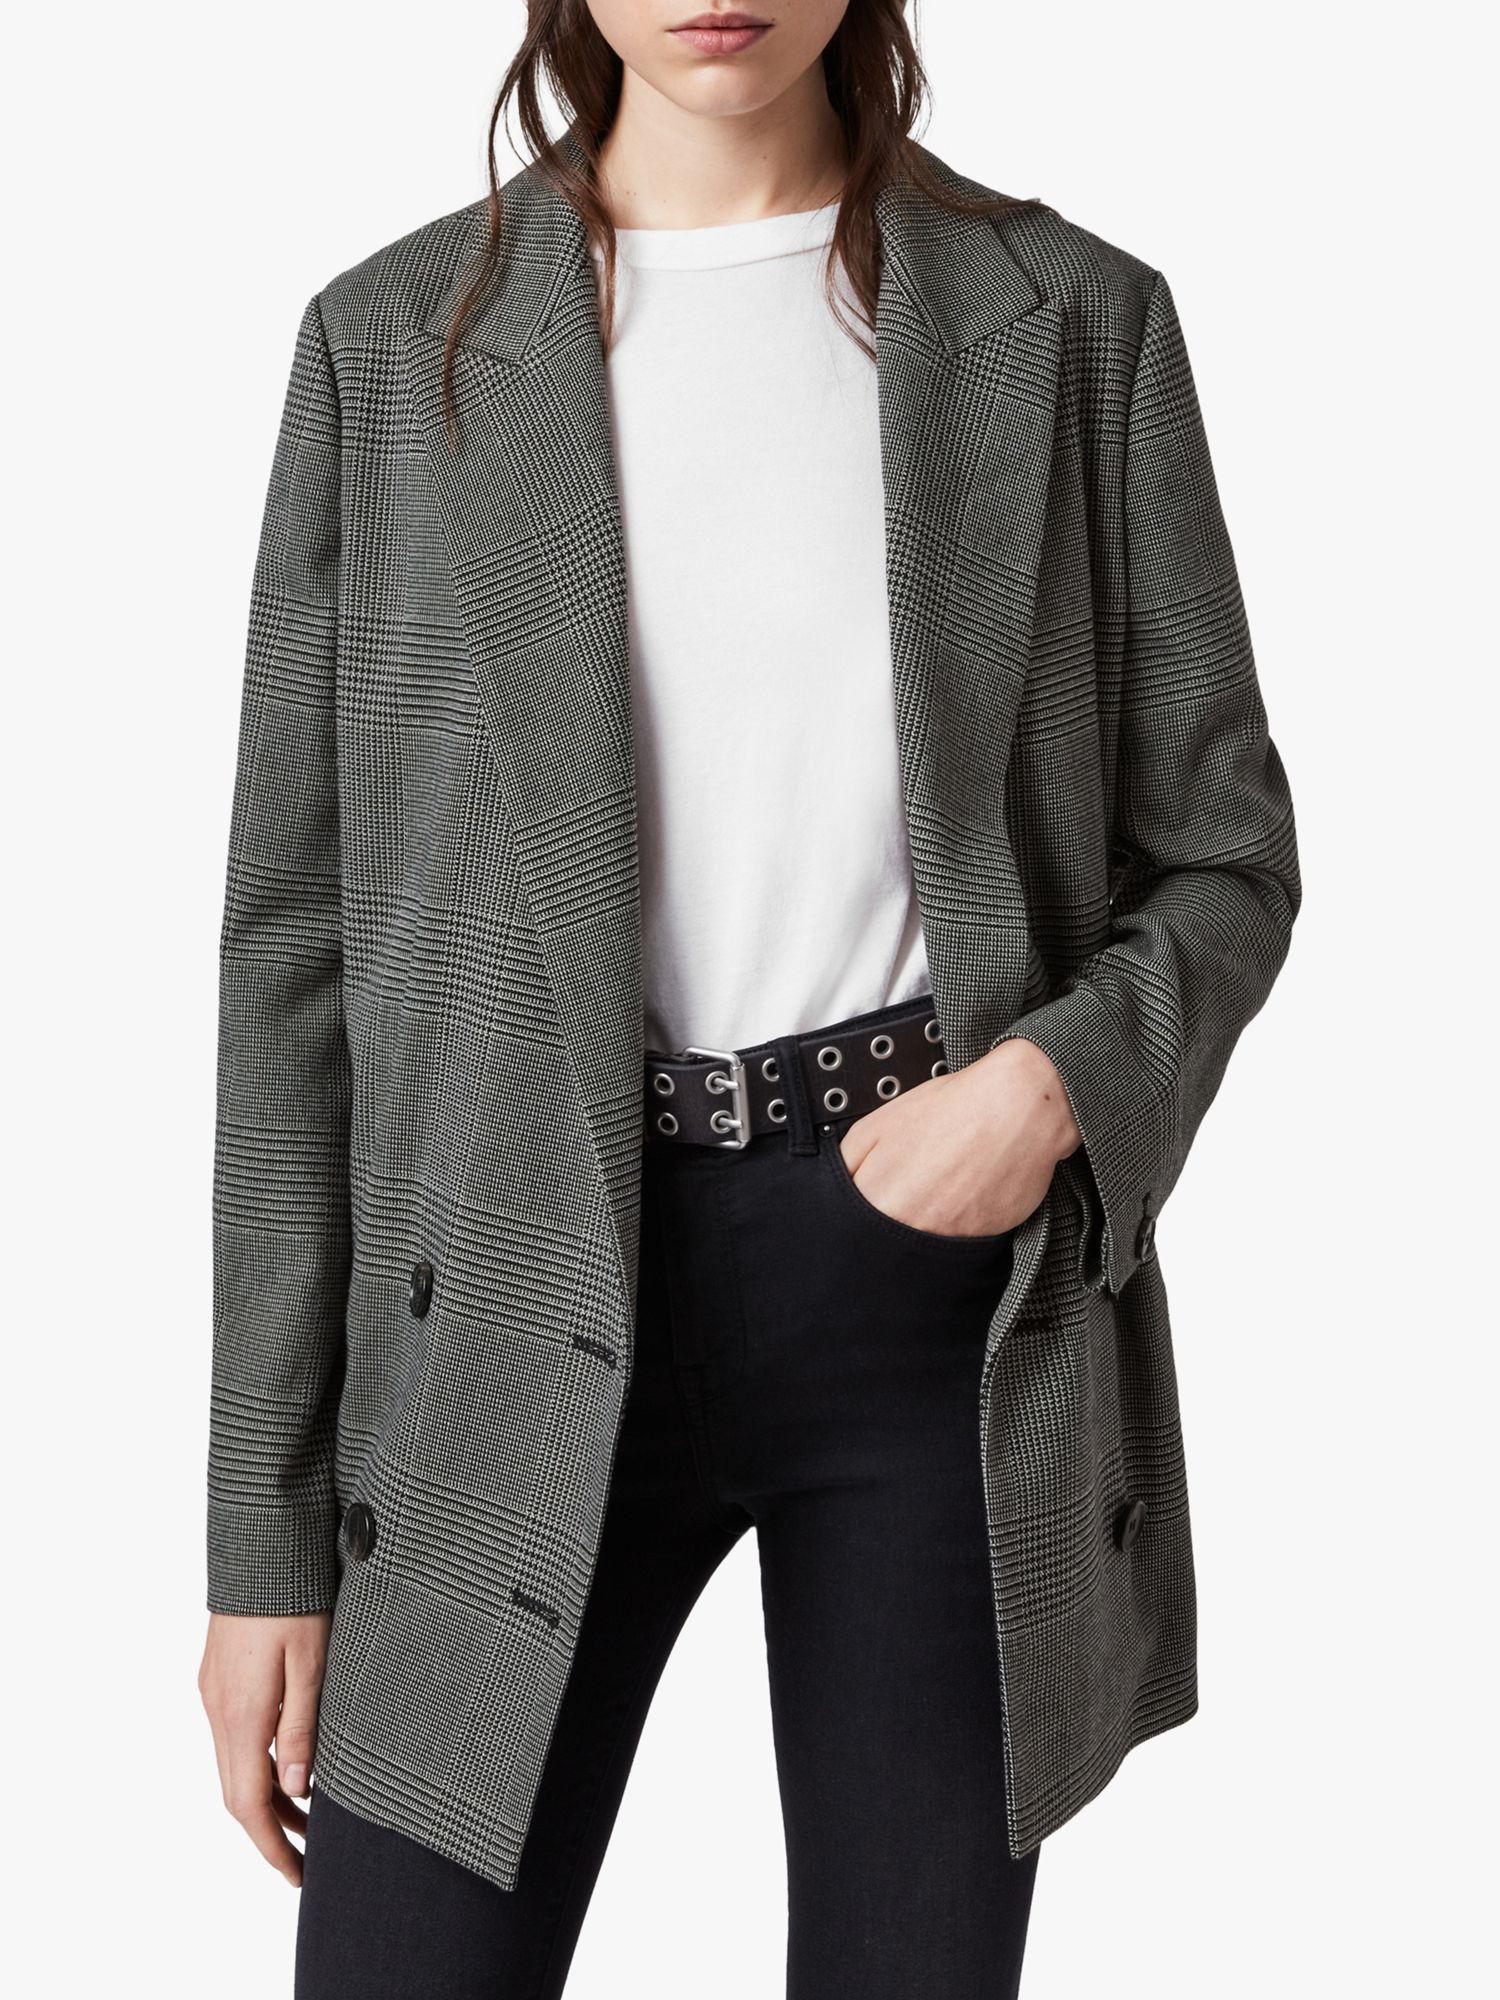 AllSaints AllSaints Helei Check Blazer, Charcoal Grey